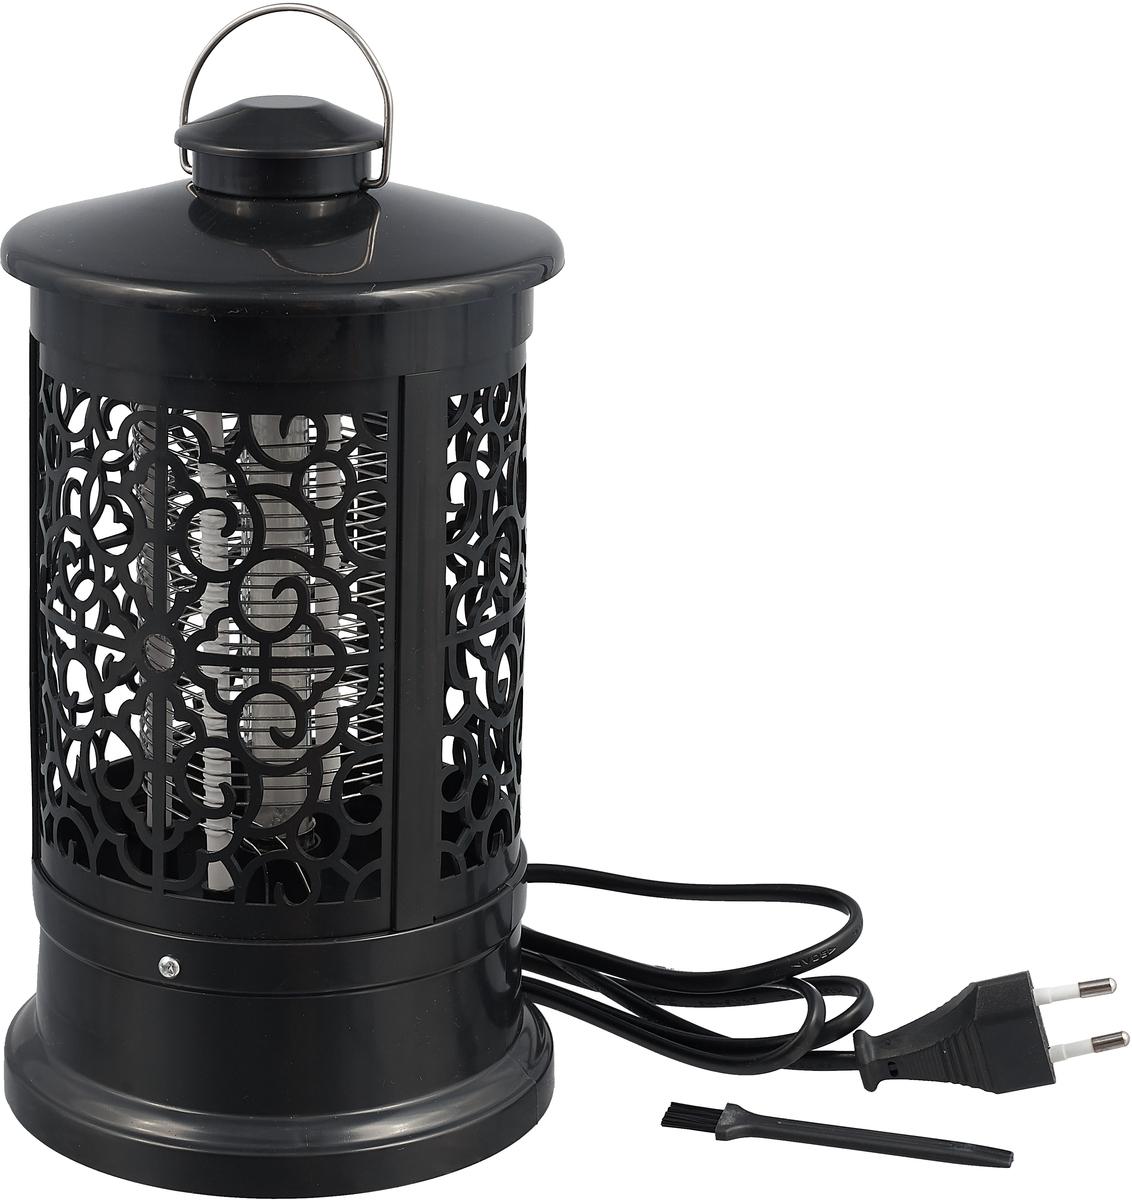 Лампа антимоскитная Proffi Home, цвет: черный, 3 Вт, 13,5 х 13,5 х 24 см